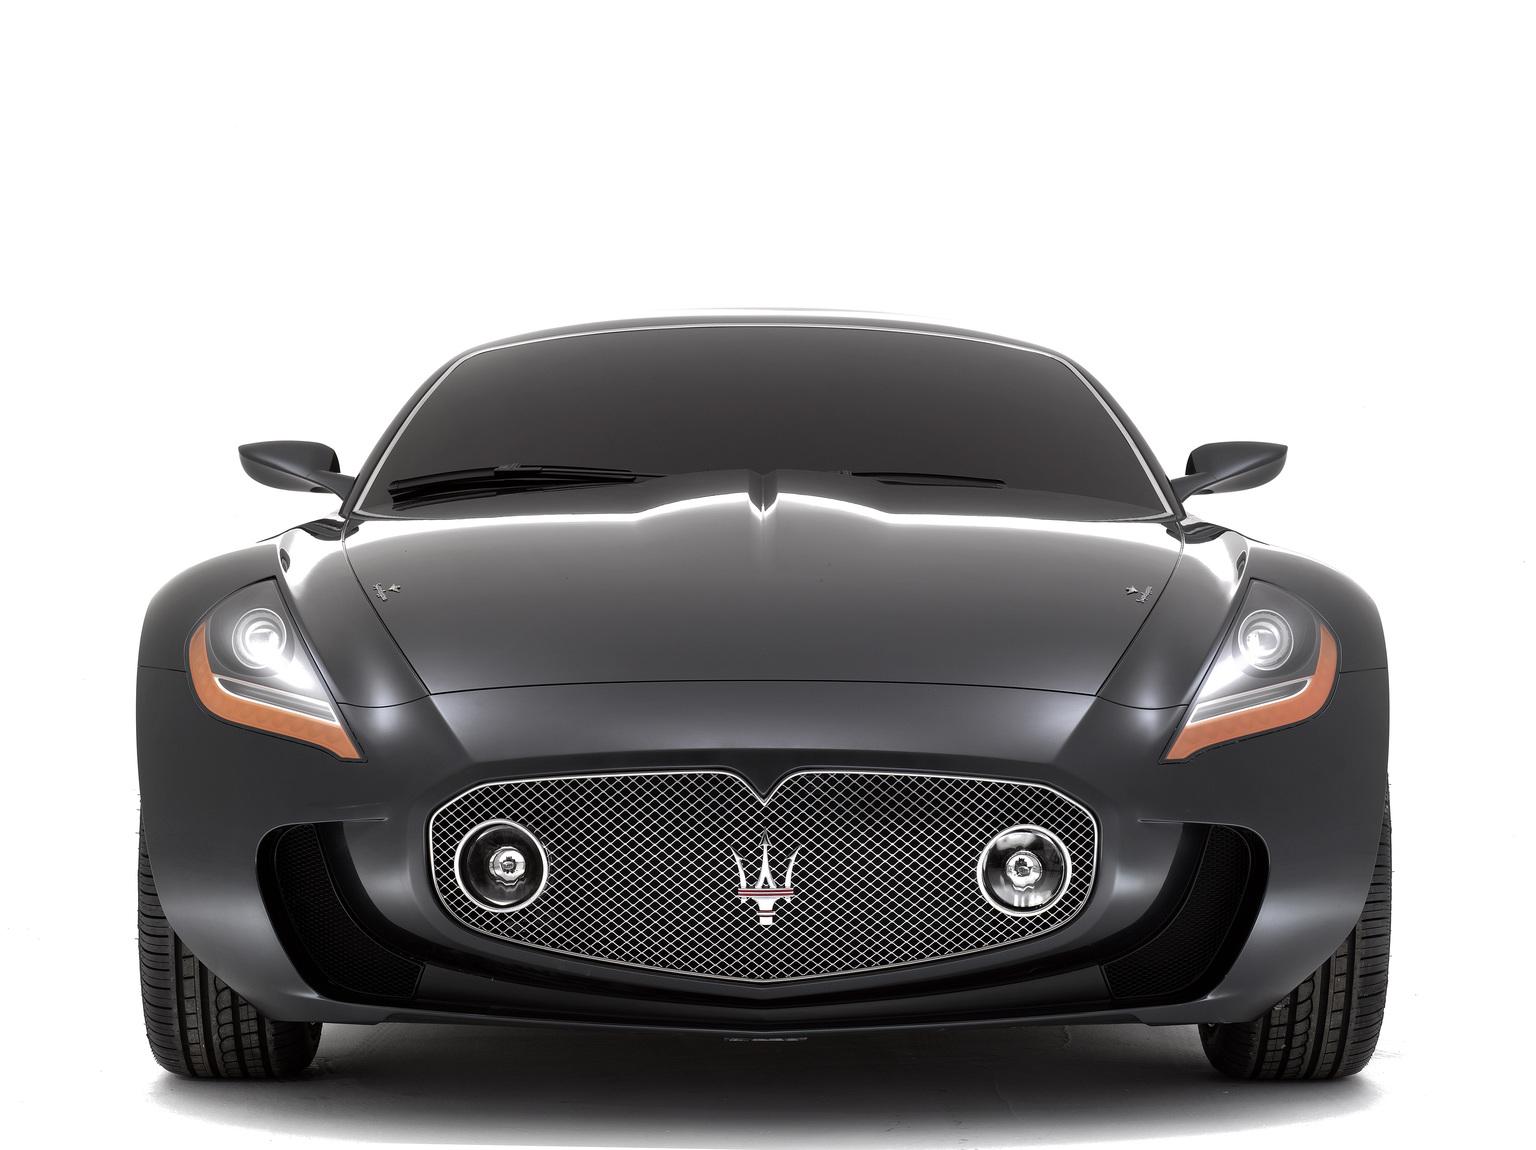 2008 Maserati A8GCS Berlinetta Touring